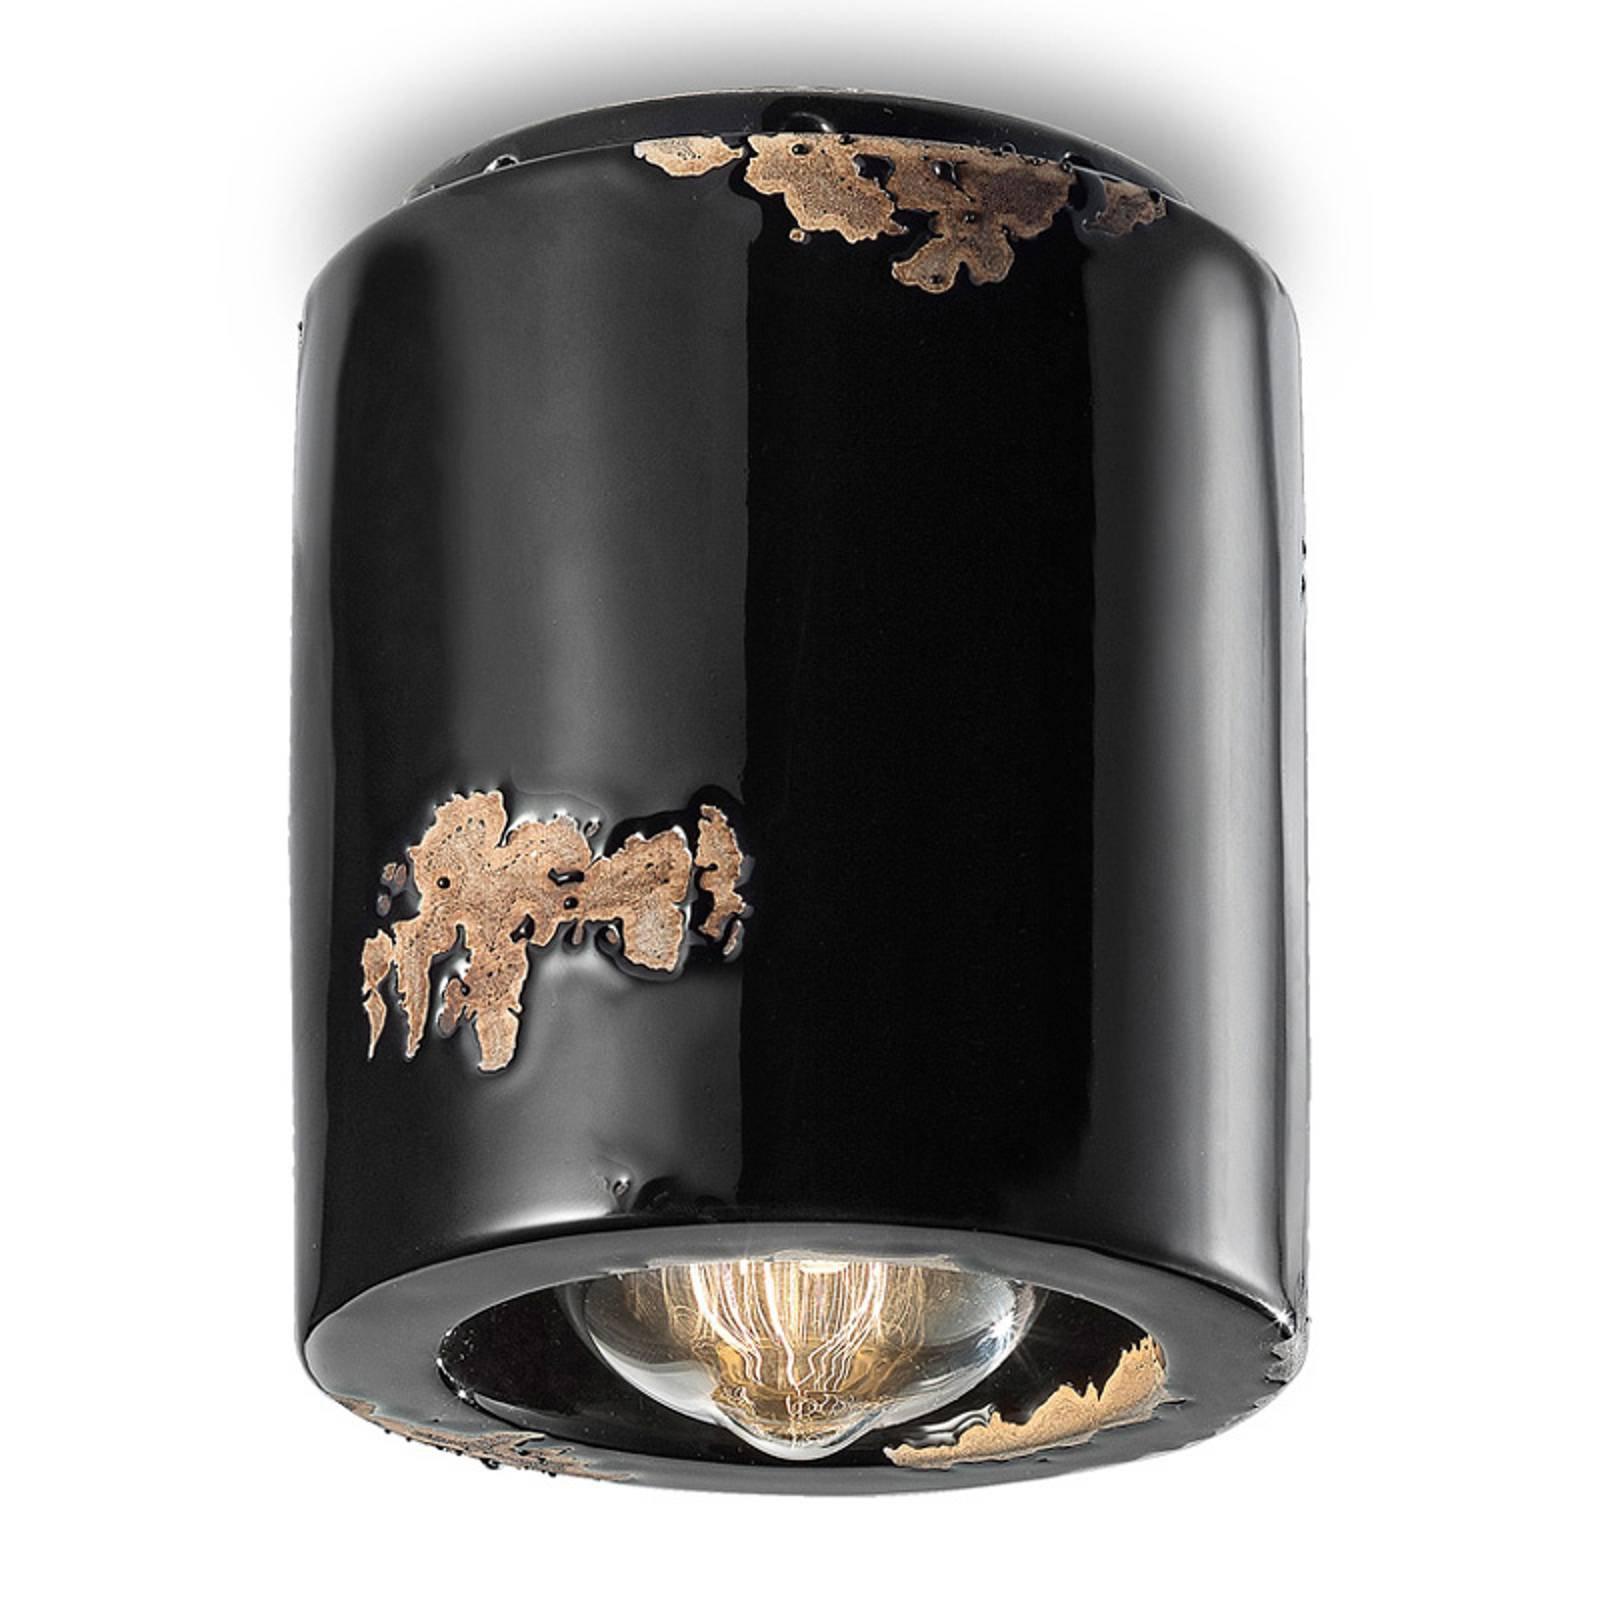 Taklampe C986 i vintage-stil, svart